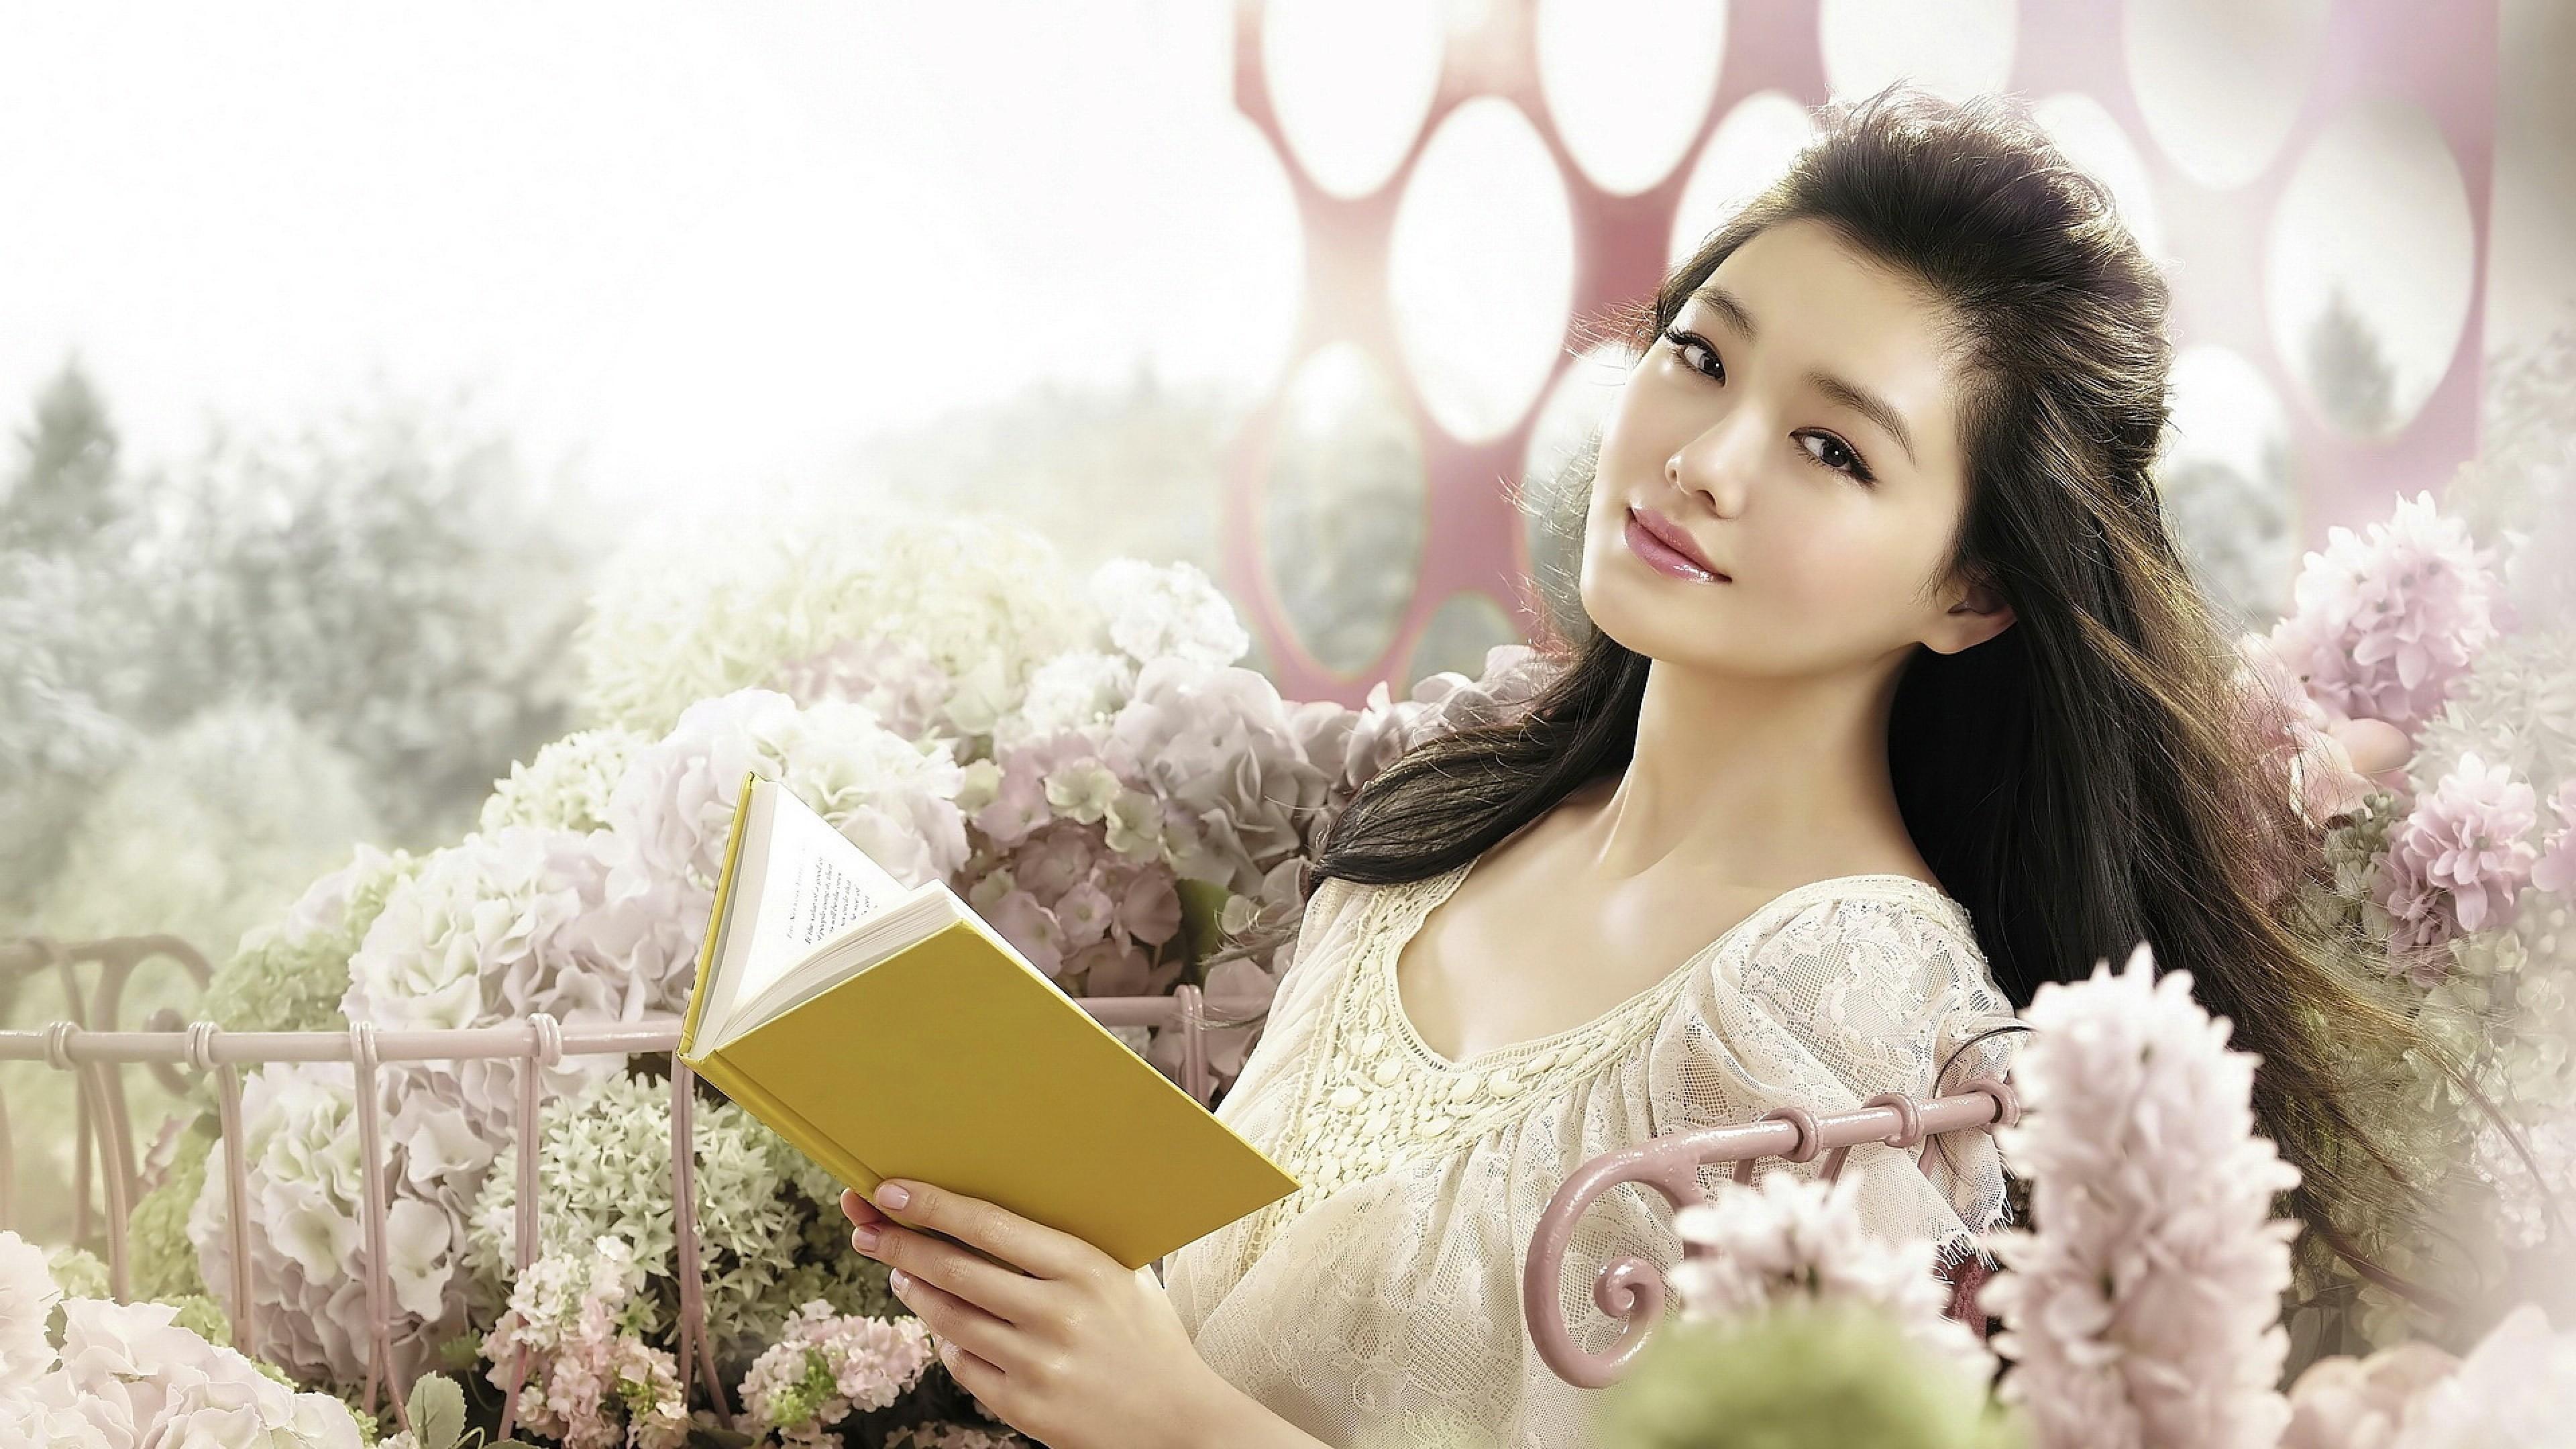 Wallpaper asian, girl, face, book, smile